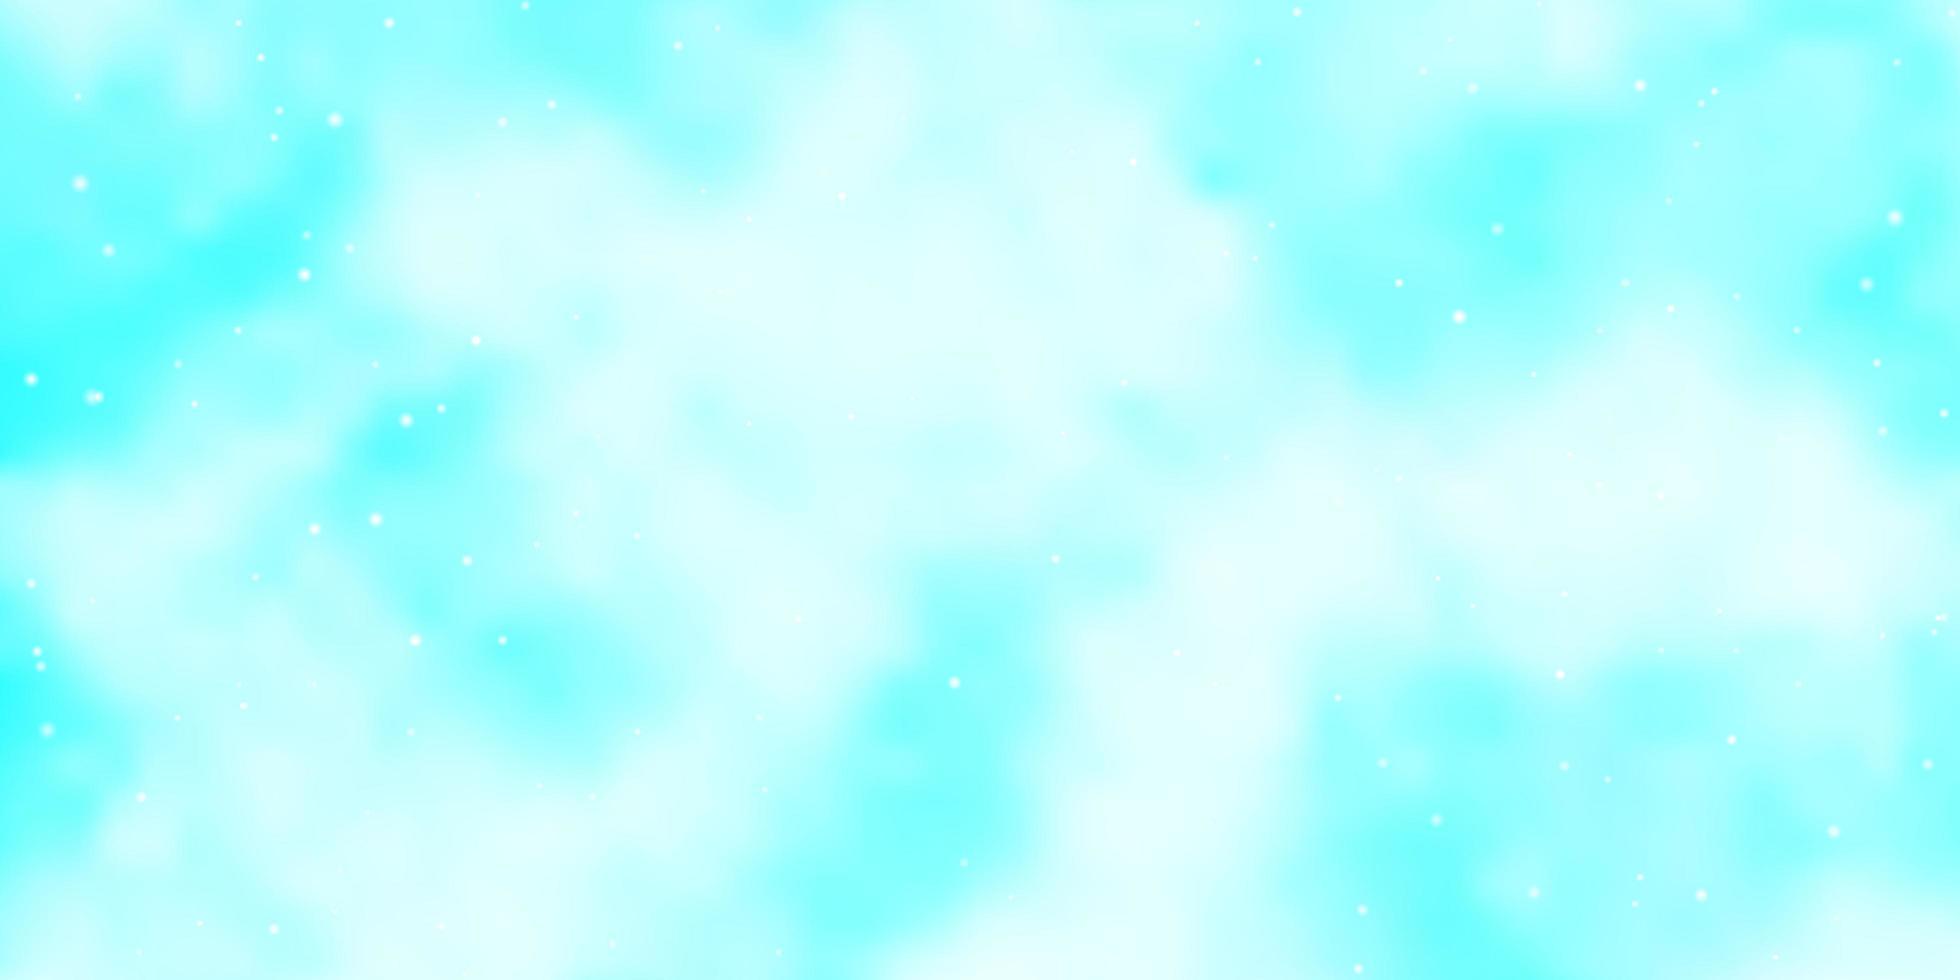 lichtblauwe vectorachtergrond met kleurrijke sterren. vector